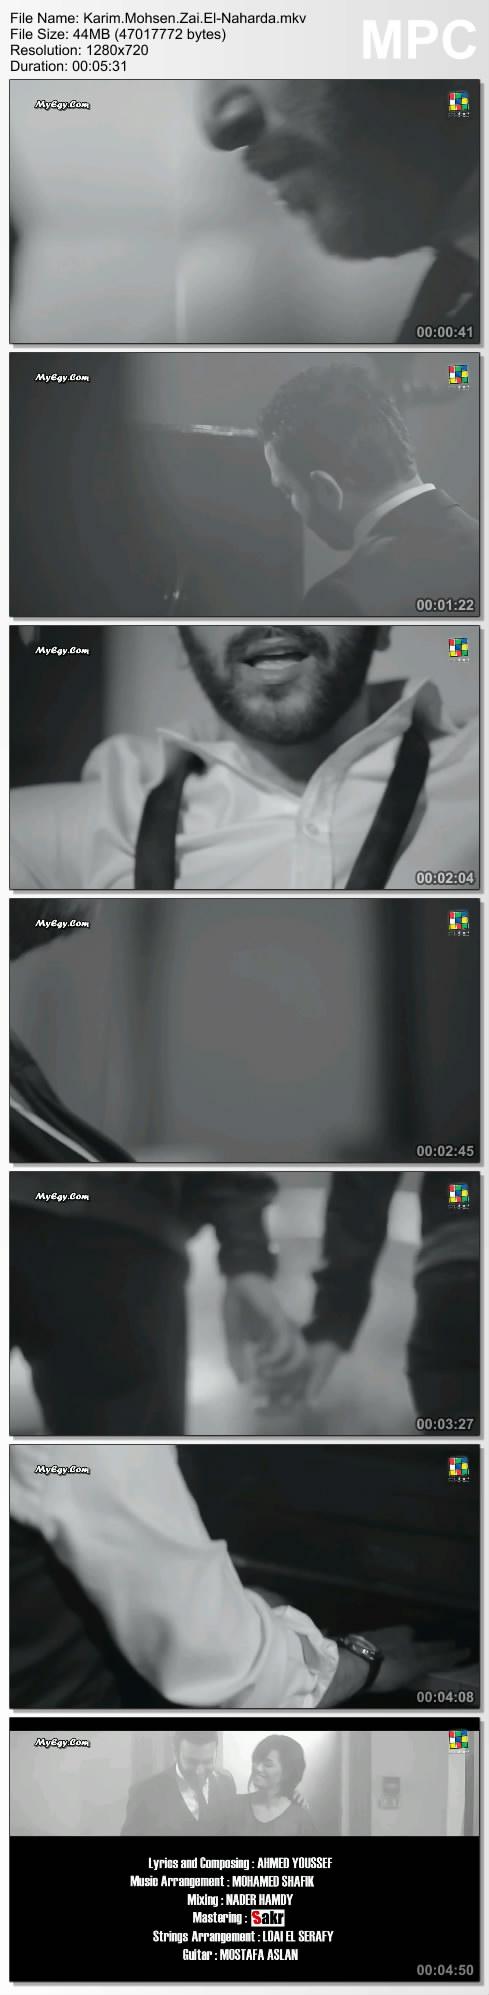 تحميل - تحميل كليب و اغنية . كريم محسن . زي النهاردة . HDTV 720p . Master Q Thumbs12